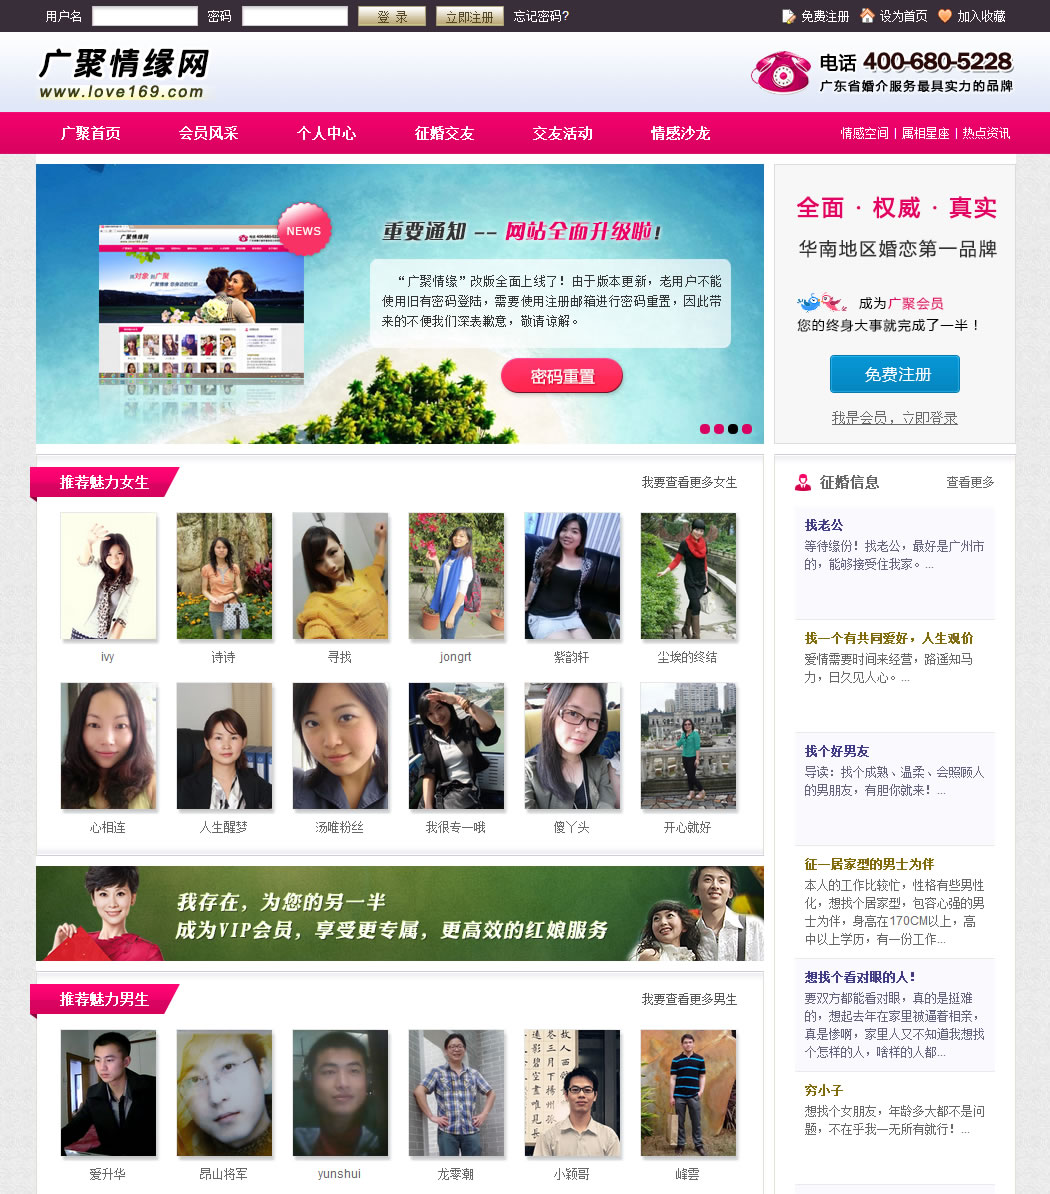 广聚情缘交友网站